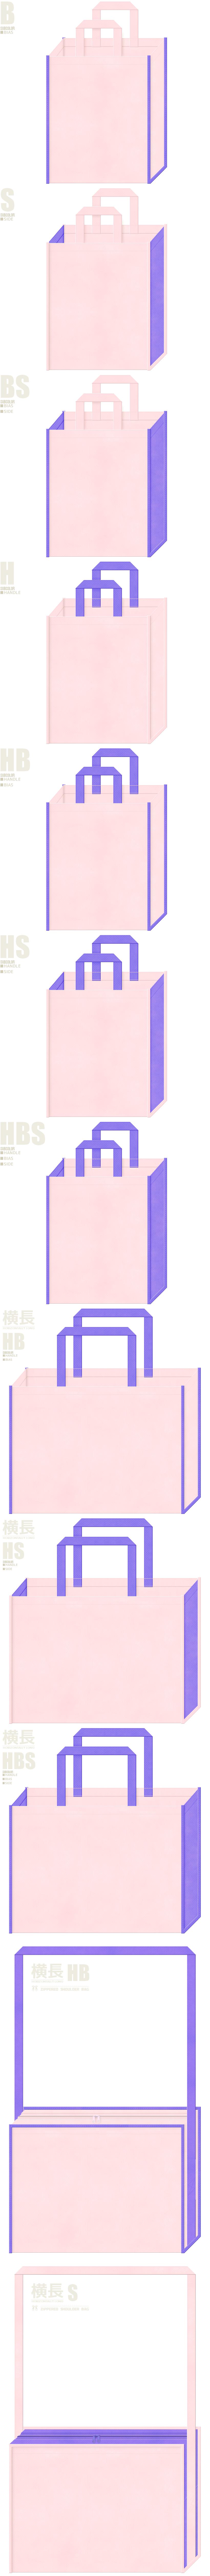 保育・福祉・介護のイメージにお奨めの不織布バッグデザイン:桜色と薄紫色の配色7パターン。